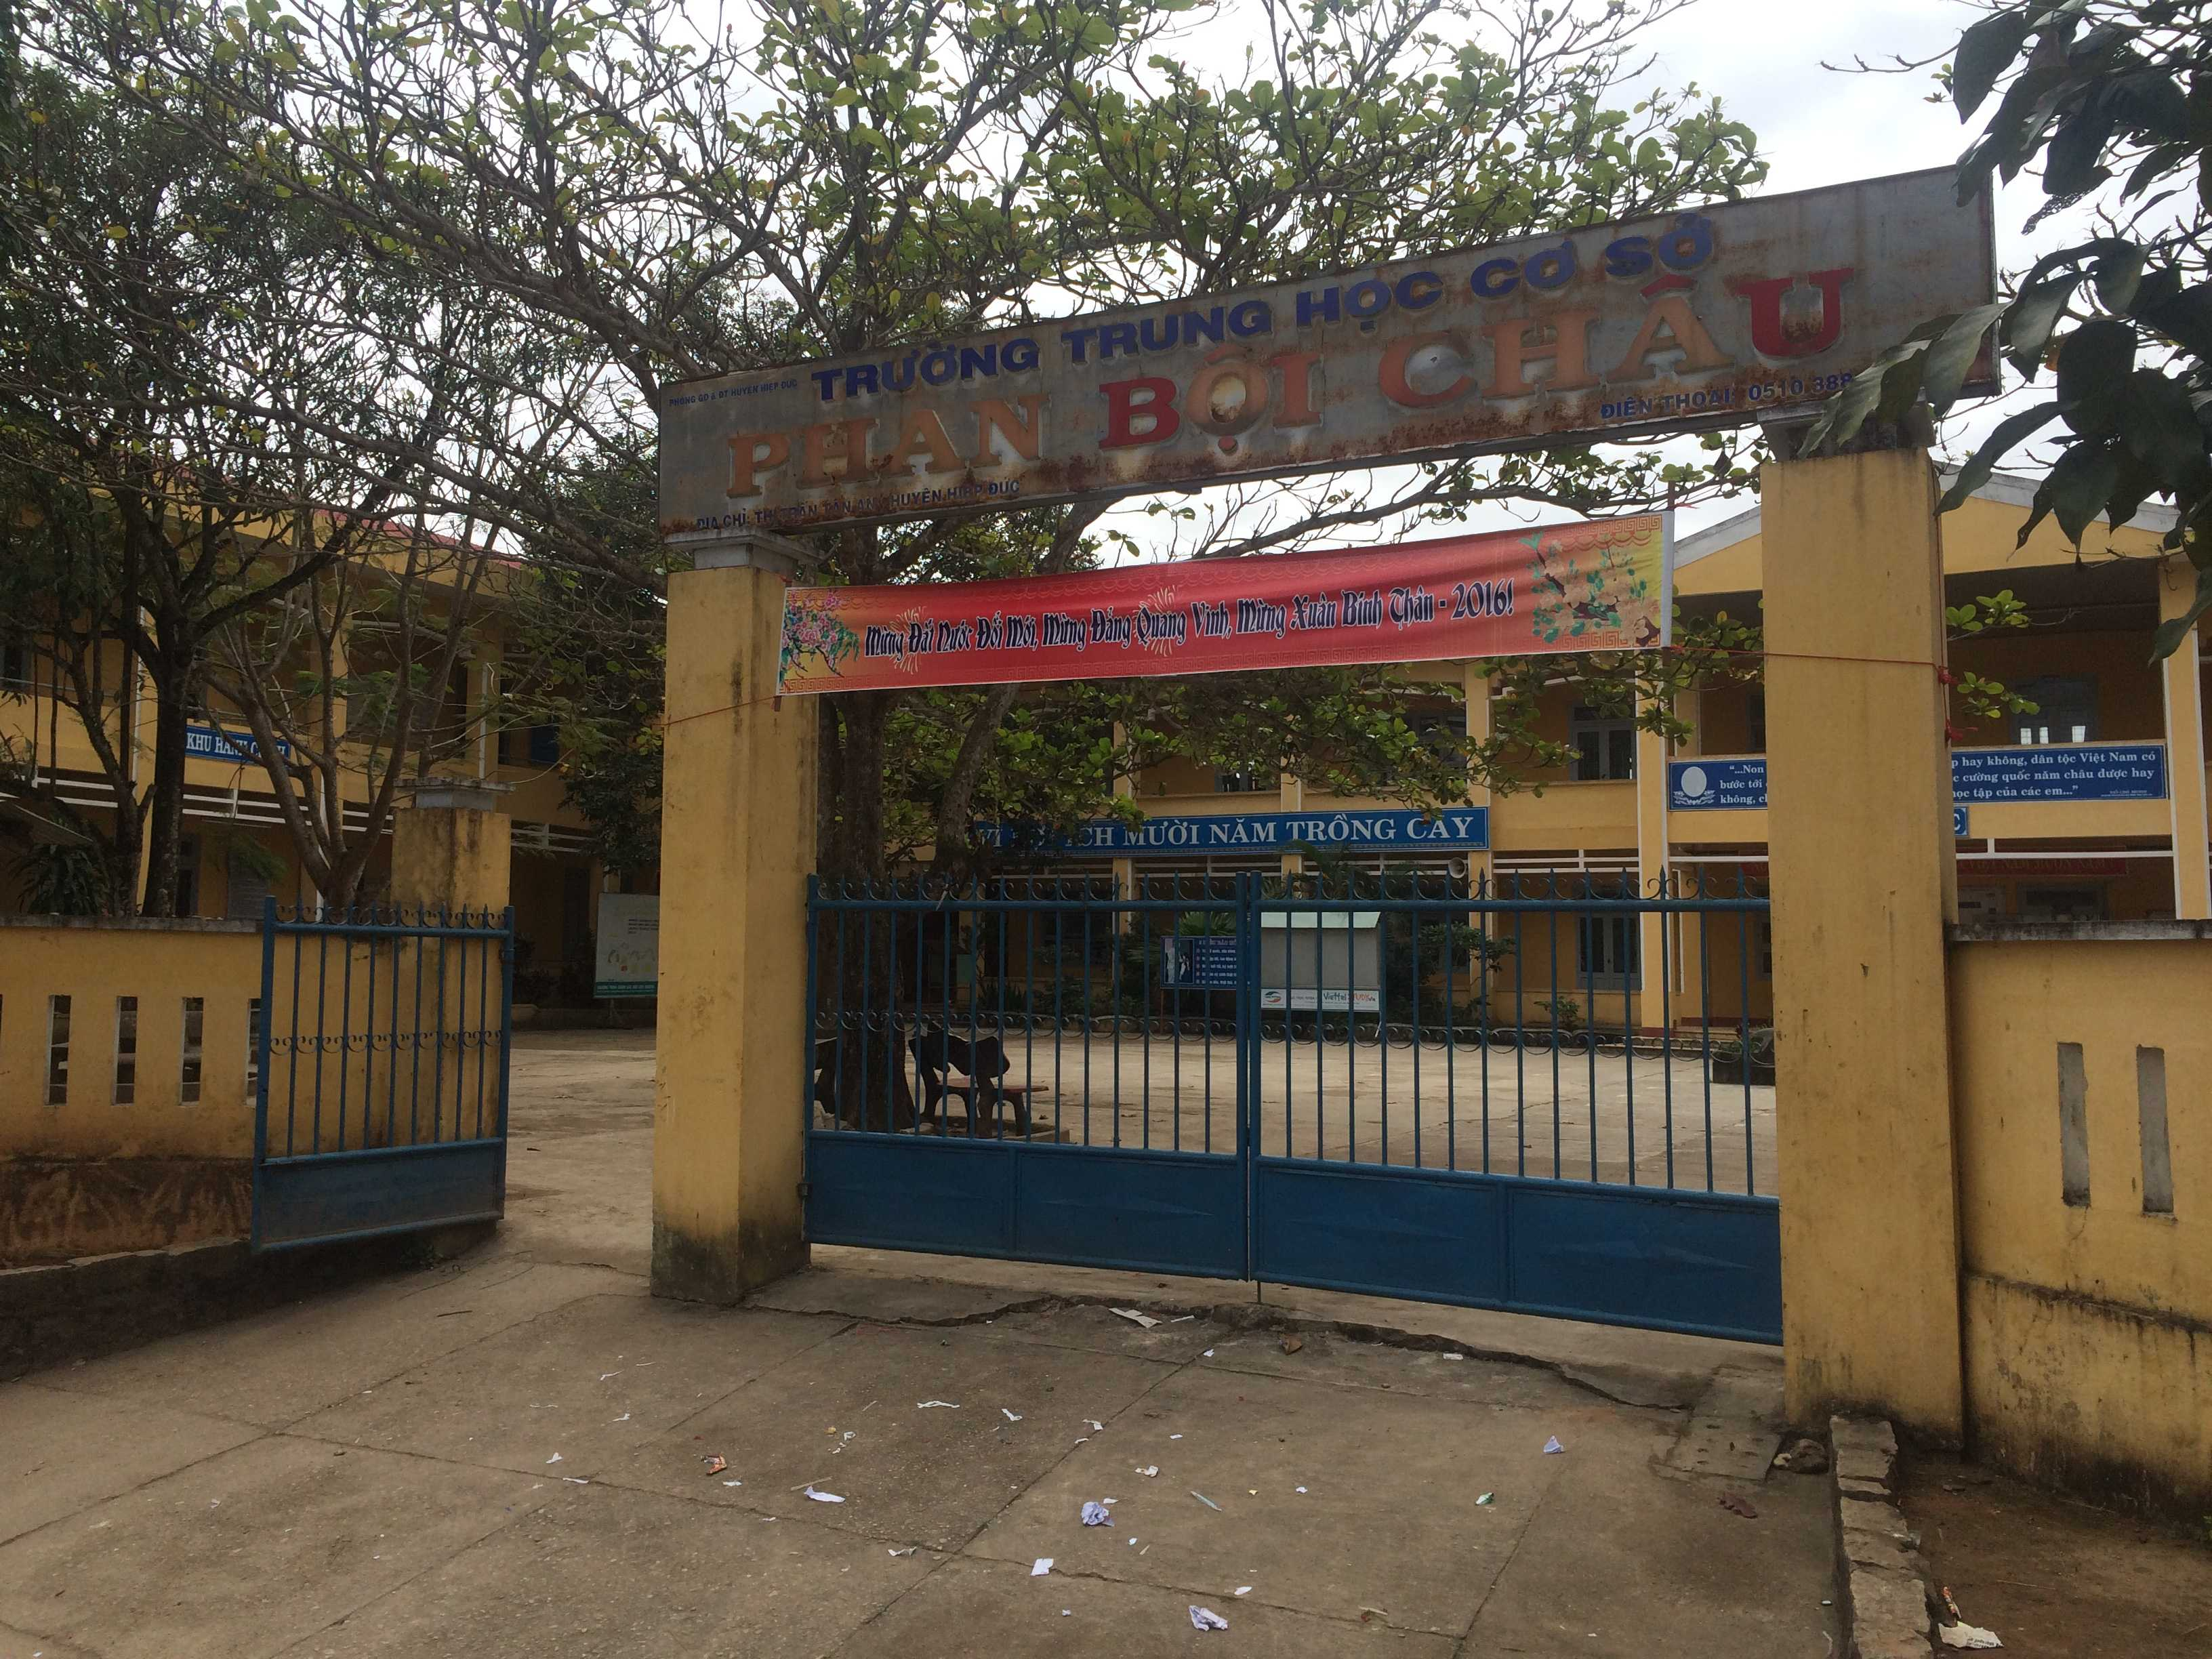 Trường THCS Phan Bội Châu (huyện Hiệp Đức, Quảng Nam) nơi xảy ra sự việc.